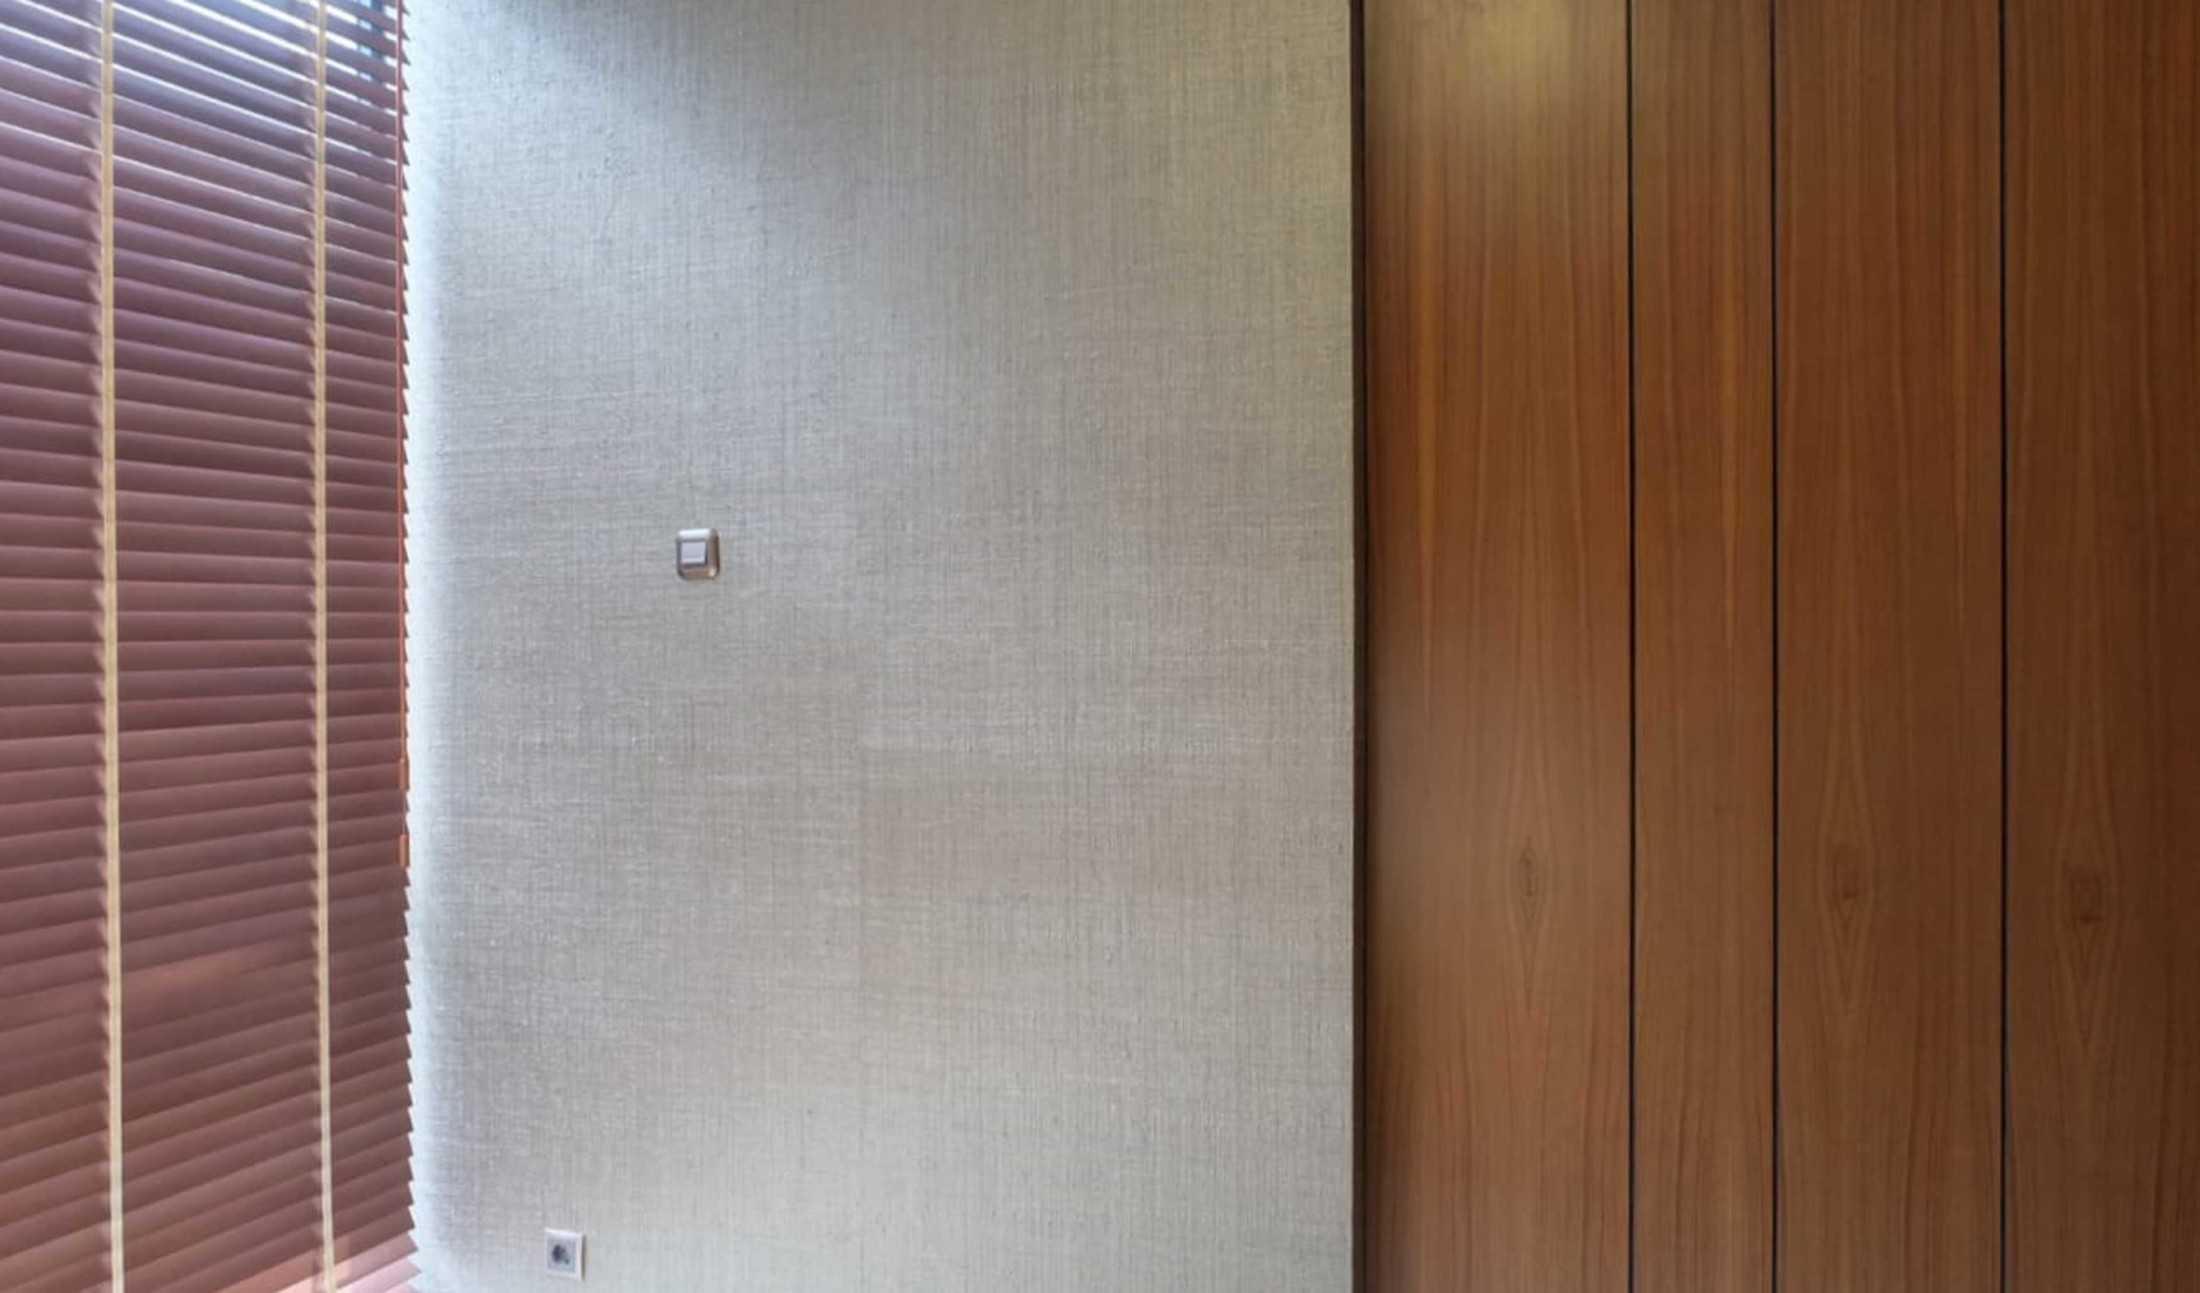 Oro Studio D House Jakarta, Daerah Khusus Ibukota Jakarta, Indonesia Jakarta, Daerah Khusus Ibukota Jakarta, Indonesia Oro-Studio-D-House  69298